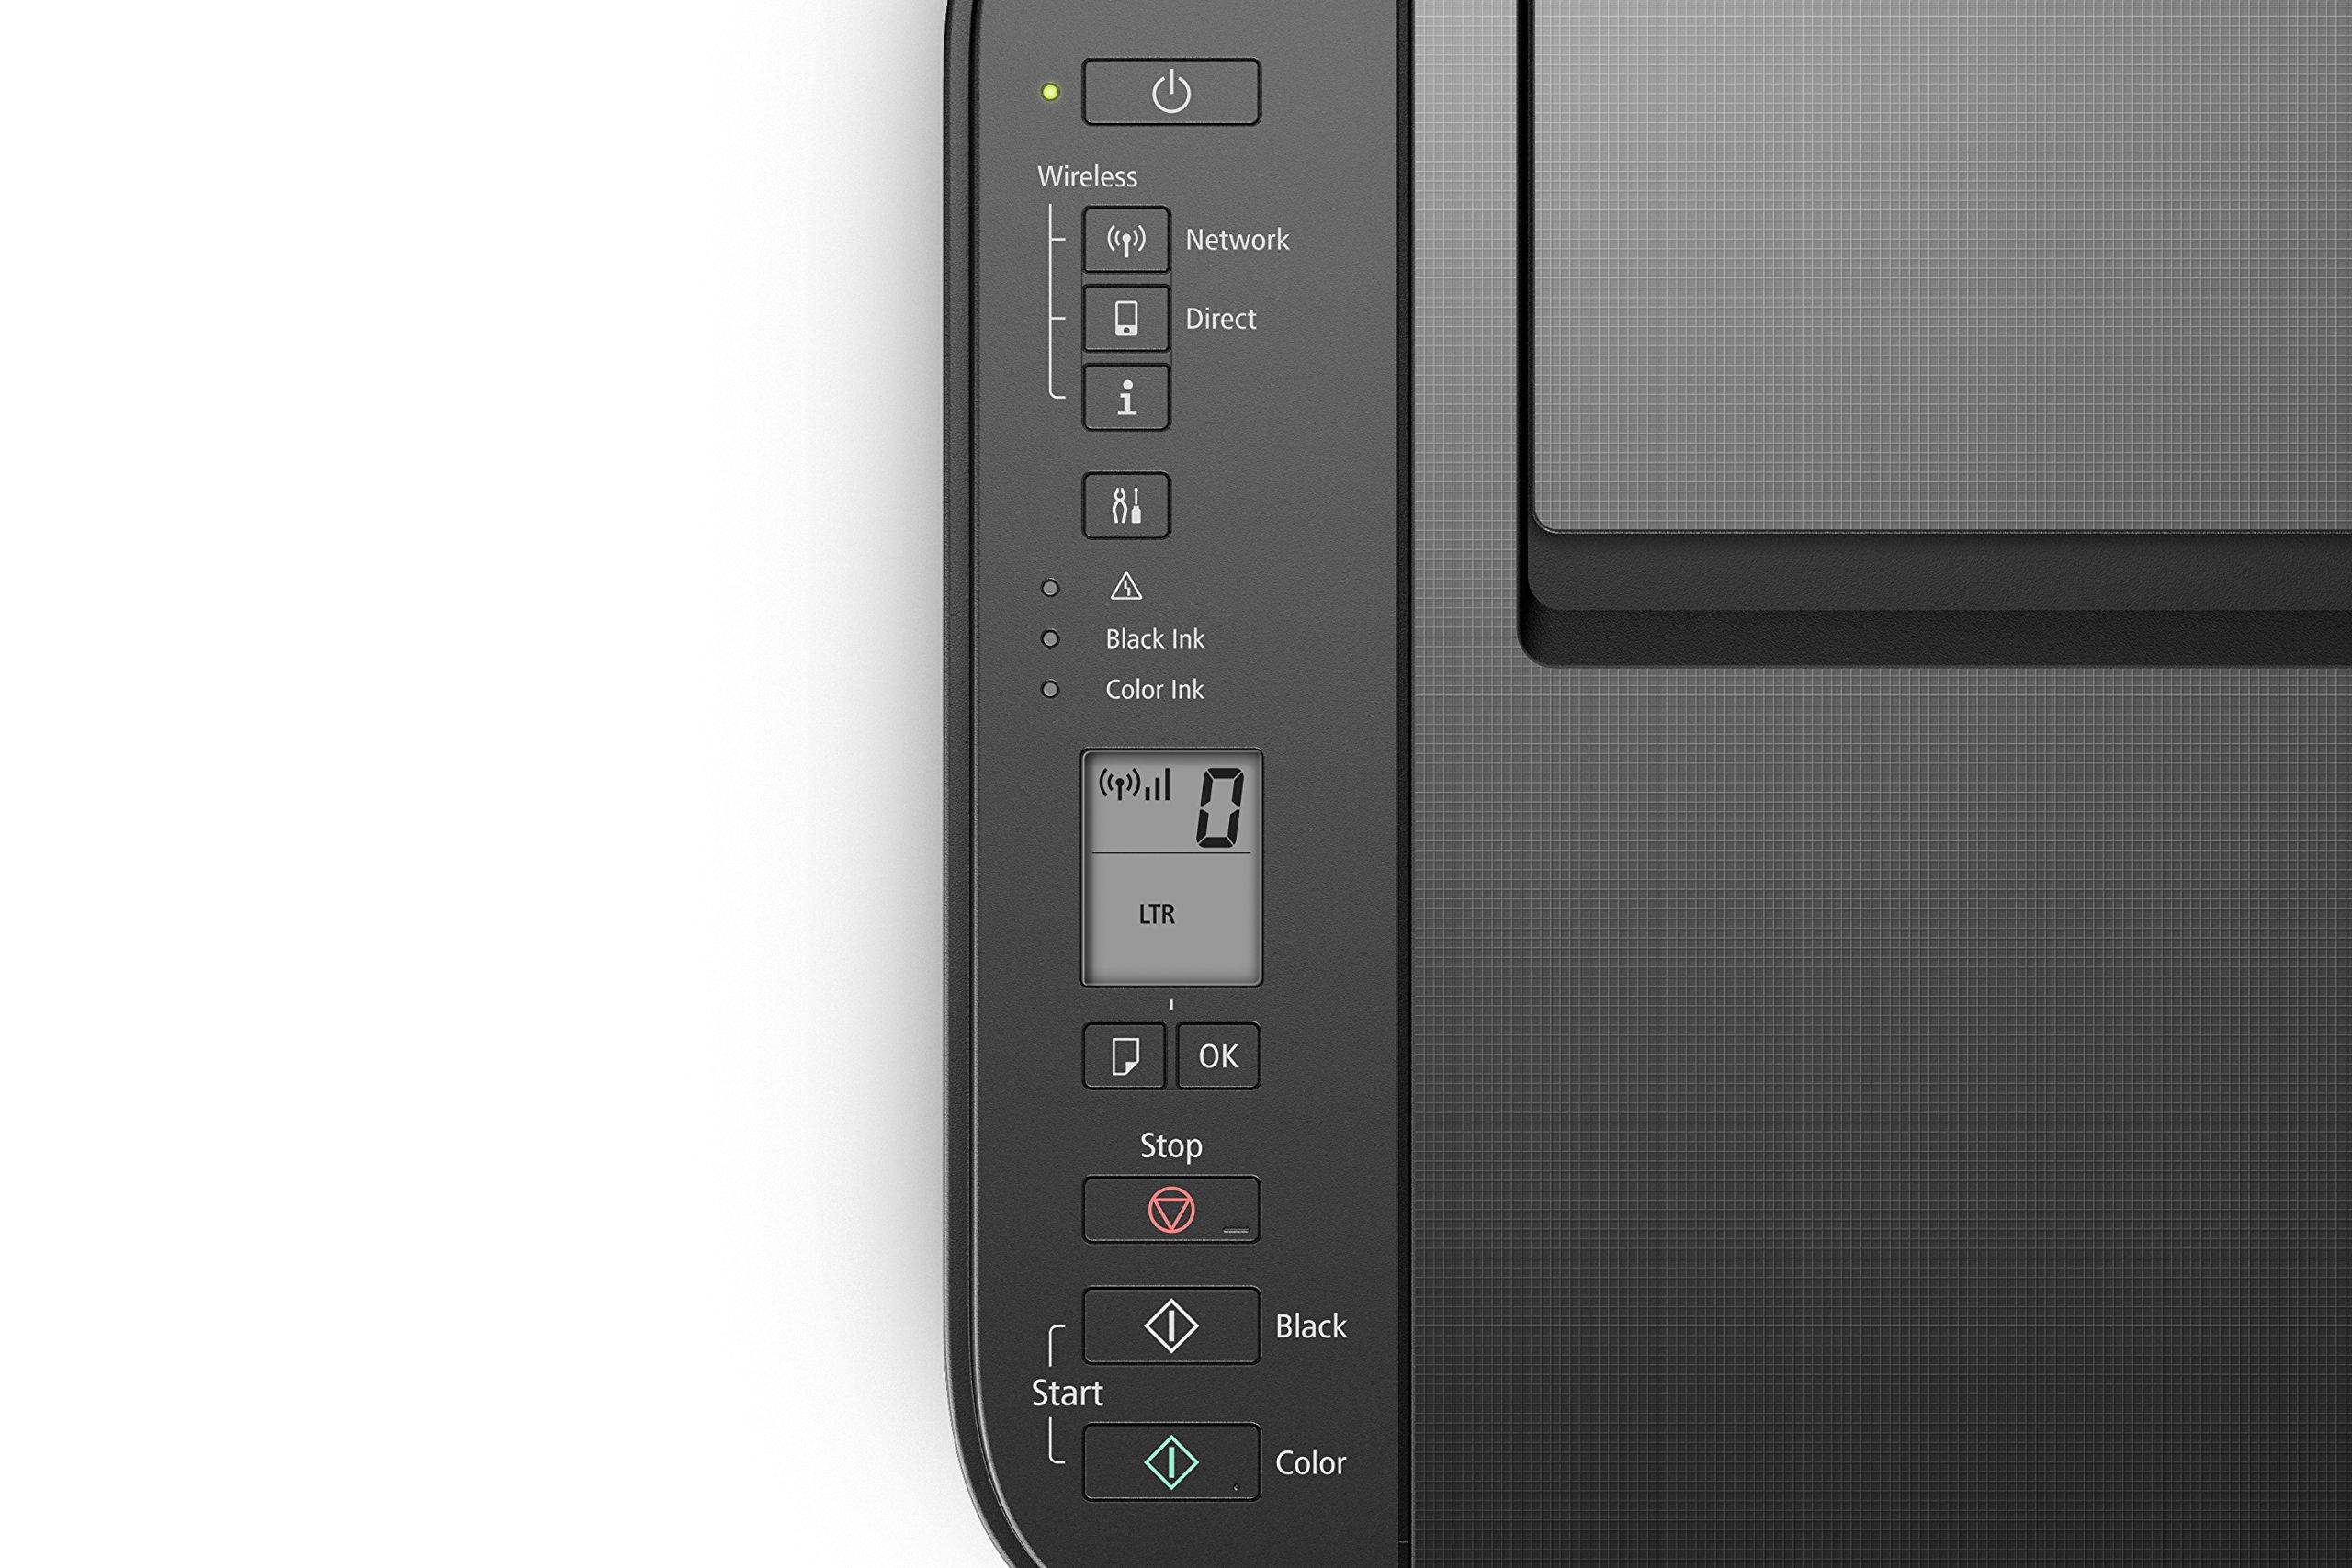 Canon Multi Function Home Printer PIXMA, Black (TS3160) 7